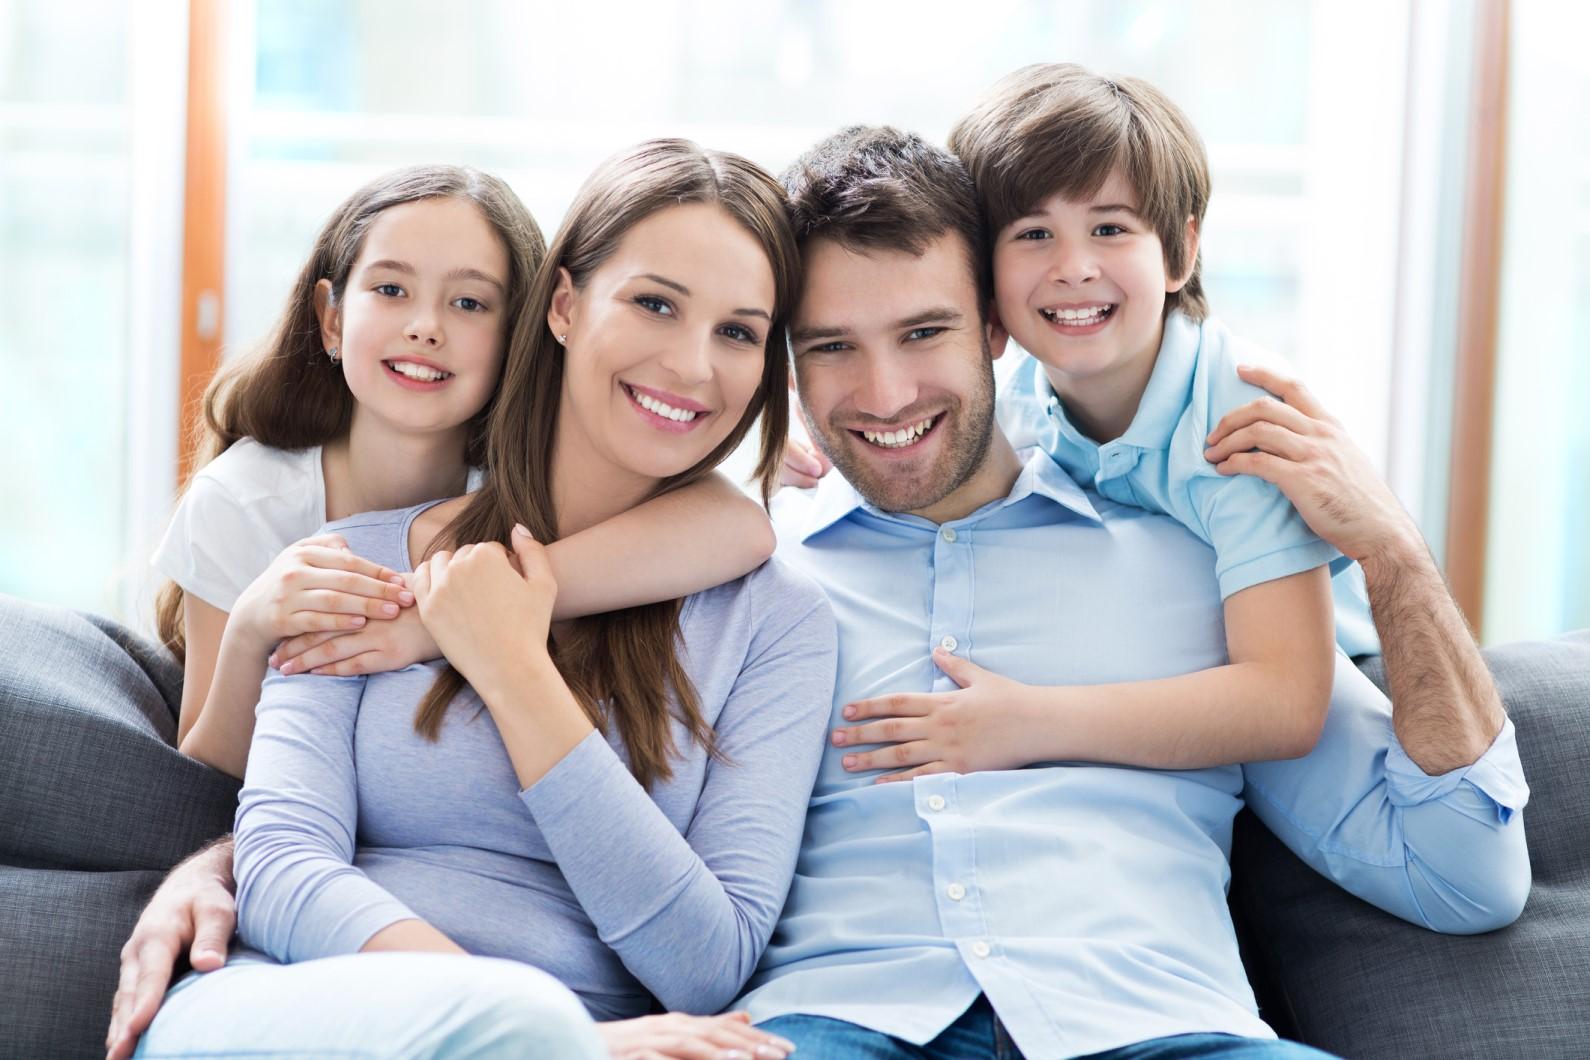 Smilingfamilycouchedited